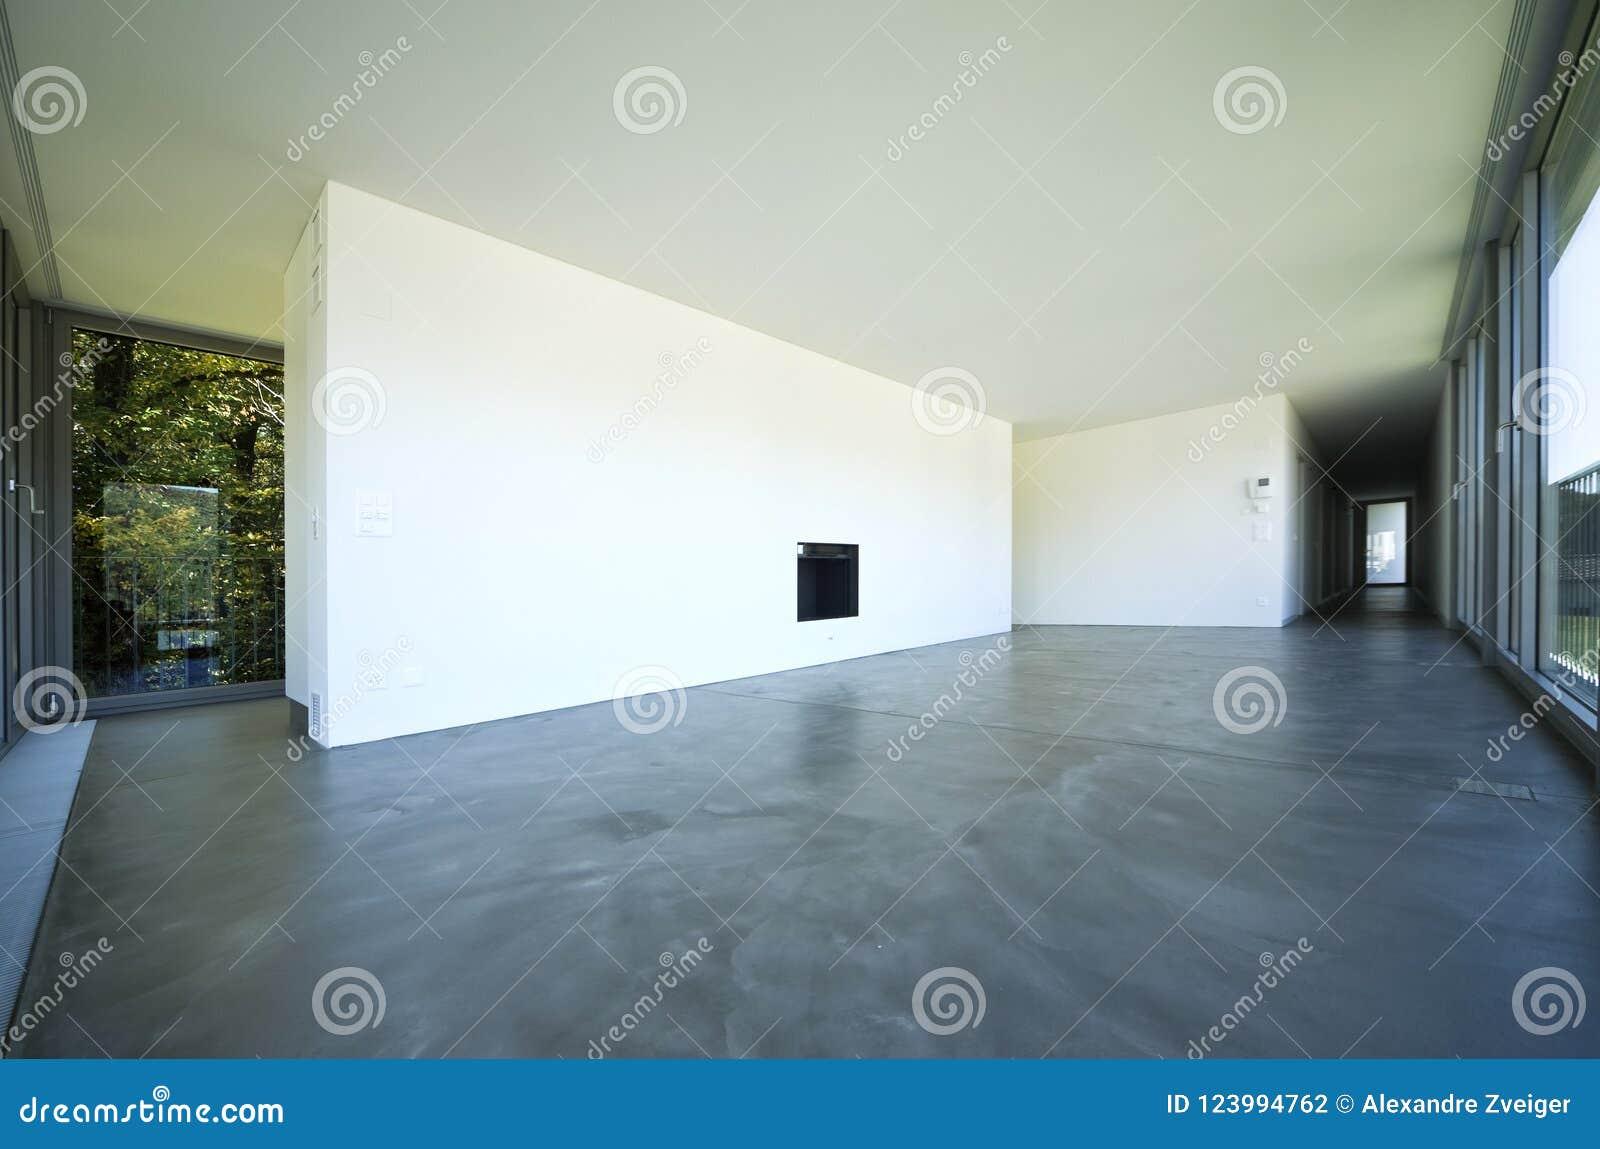 Binnenland Van Een Lege Ruimte Een Woonkamer Een Grote Witte Muur Met Een Open Haard In Het Midden Stock Foto Afbeelding Bestaande Uit Leeg Deuren 123994762